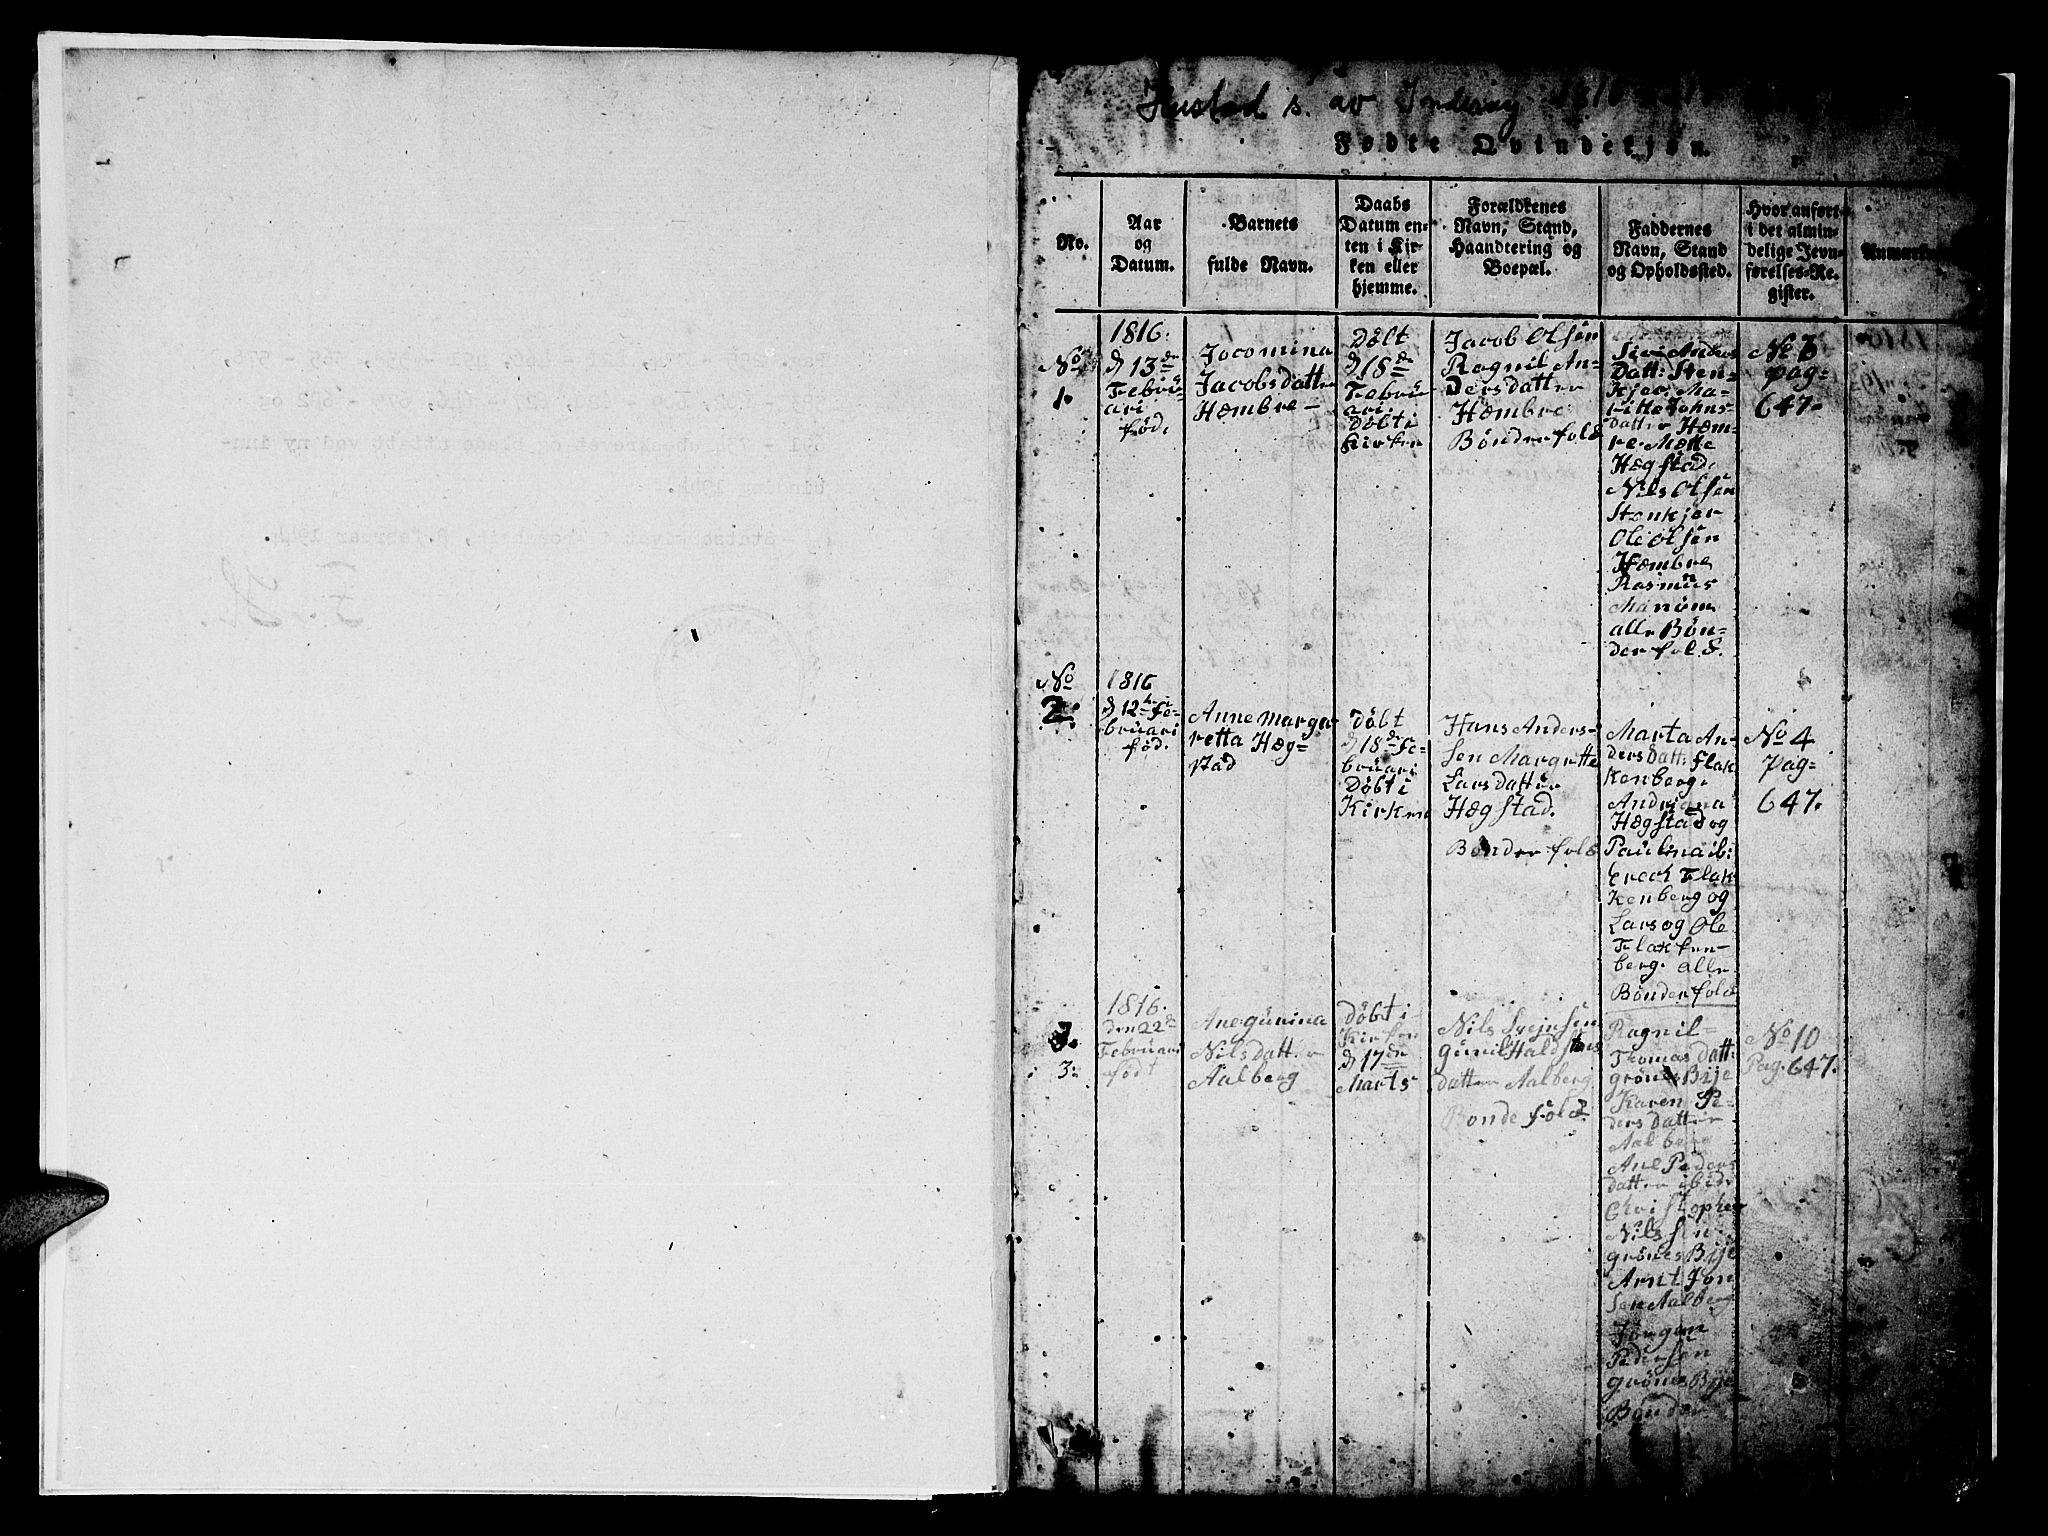 SAT, Ministerialprotokoller, klokkerbøker og fødselsregistre - Nord-Trøndelag, 732/L0317: Parish register (copy) no. 732C01, 1816-1881, p. 0-1